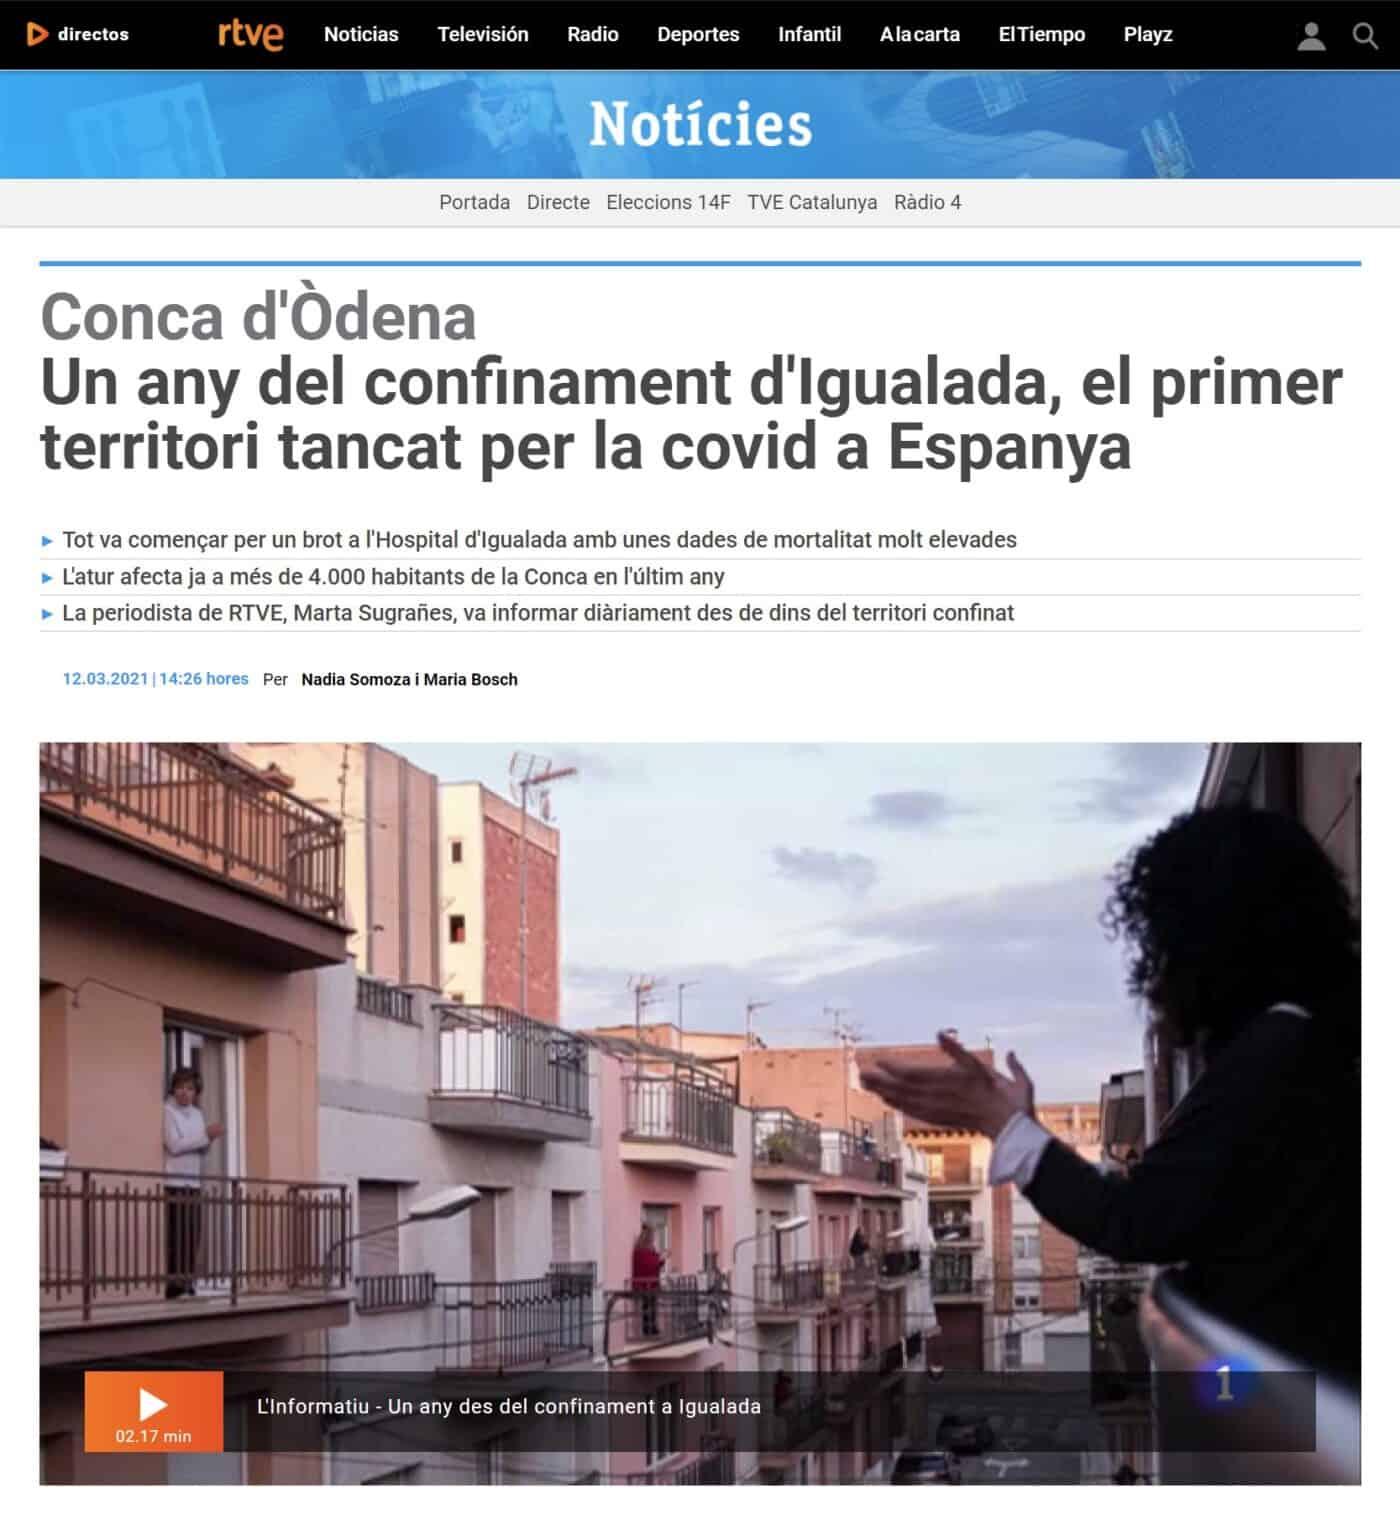 210313 - RTVE - Un any del confinament d'Igualada, el primer territori tancat per la covid a Espanya